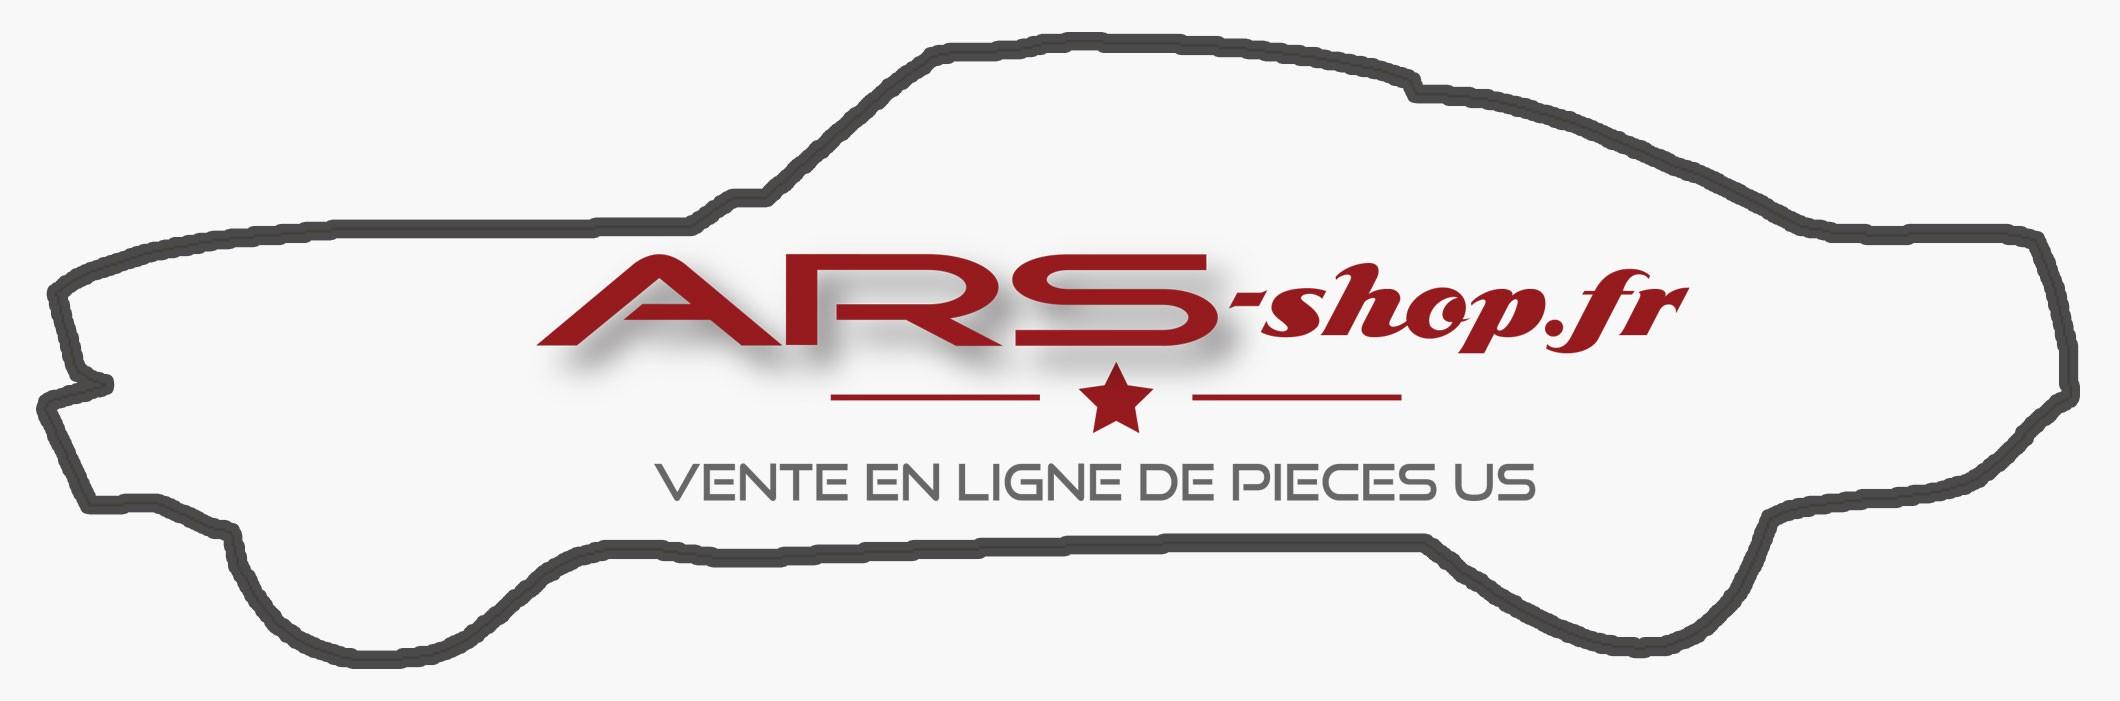 ARS Shop